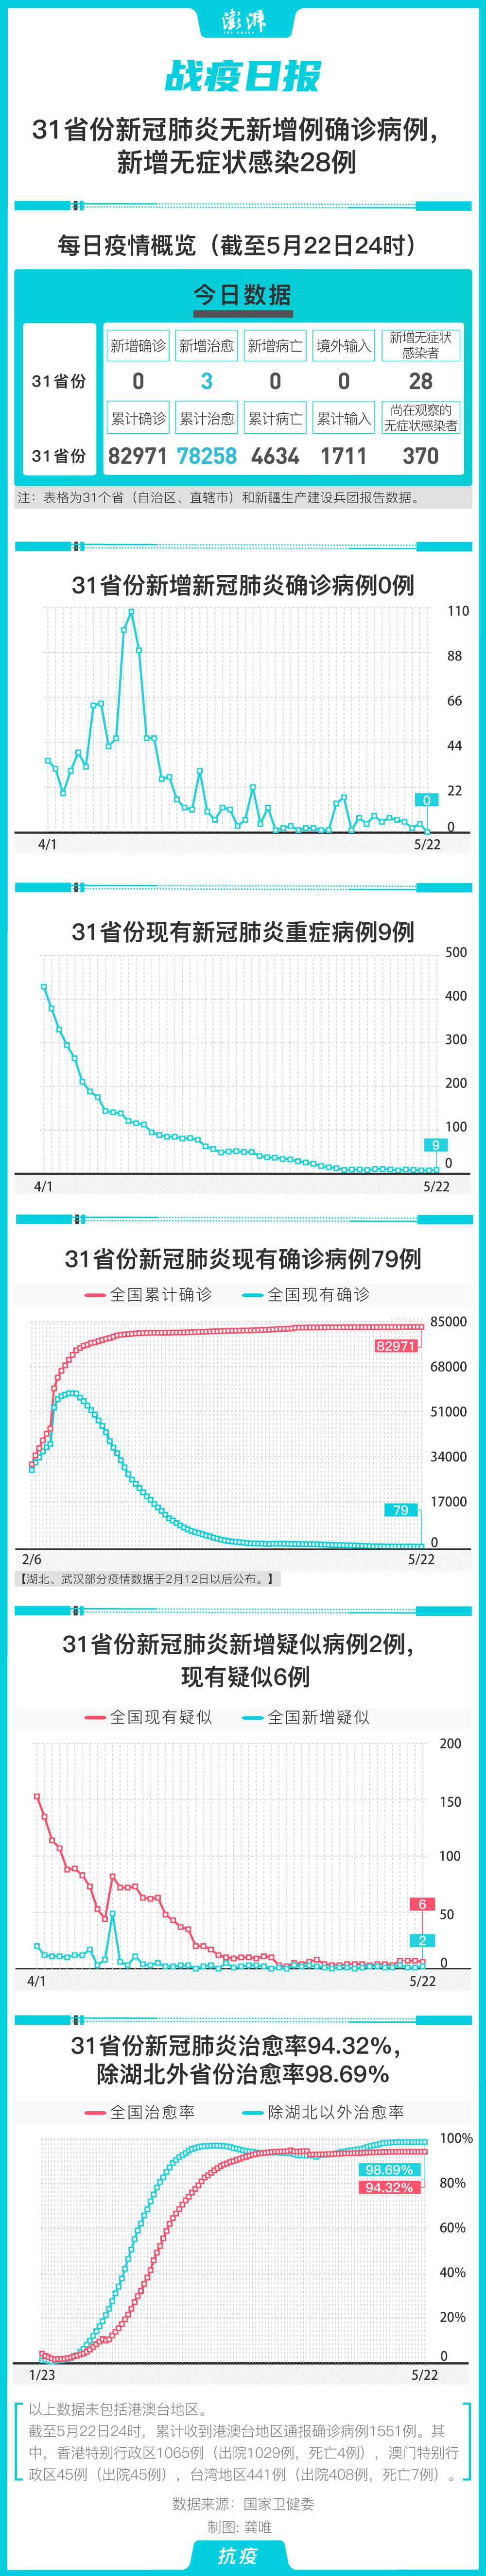 战疫日报|31省份新冠肺炎无新增确诊,无症状新增28例